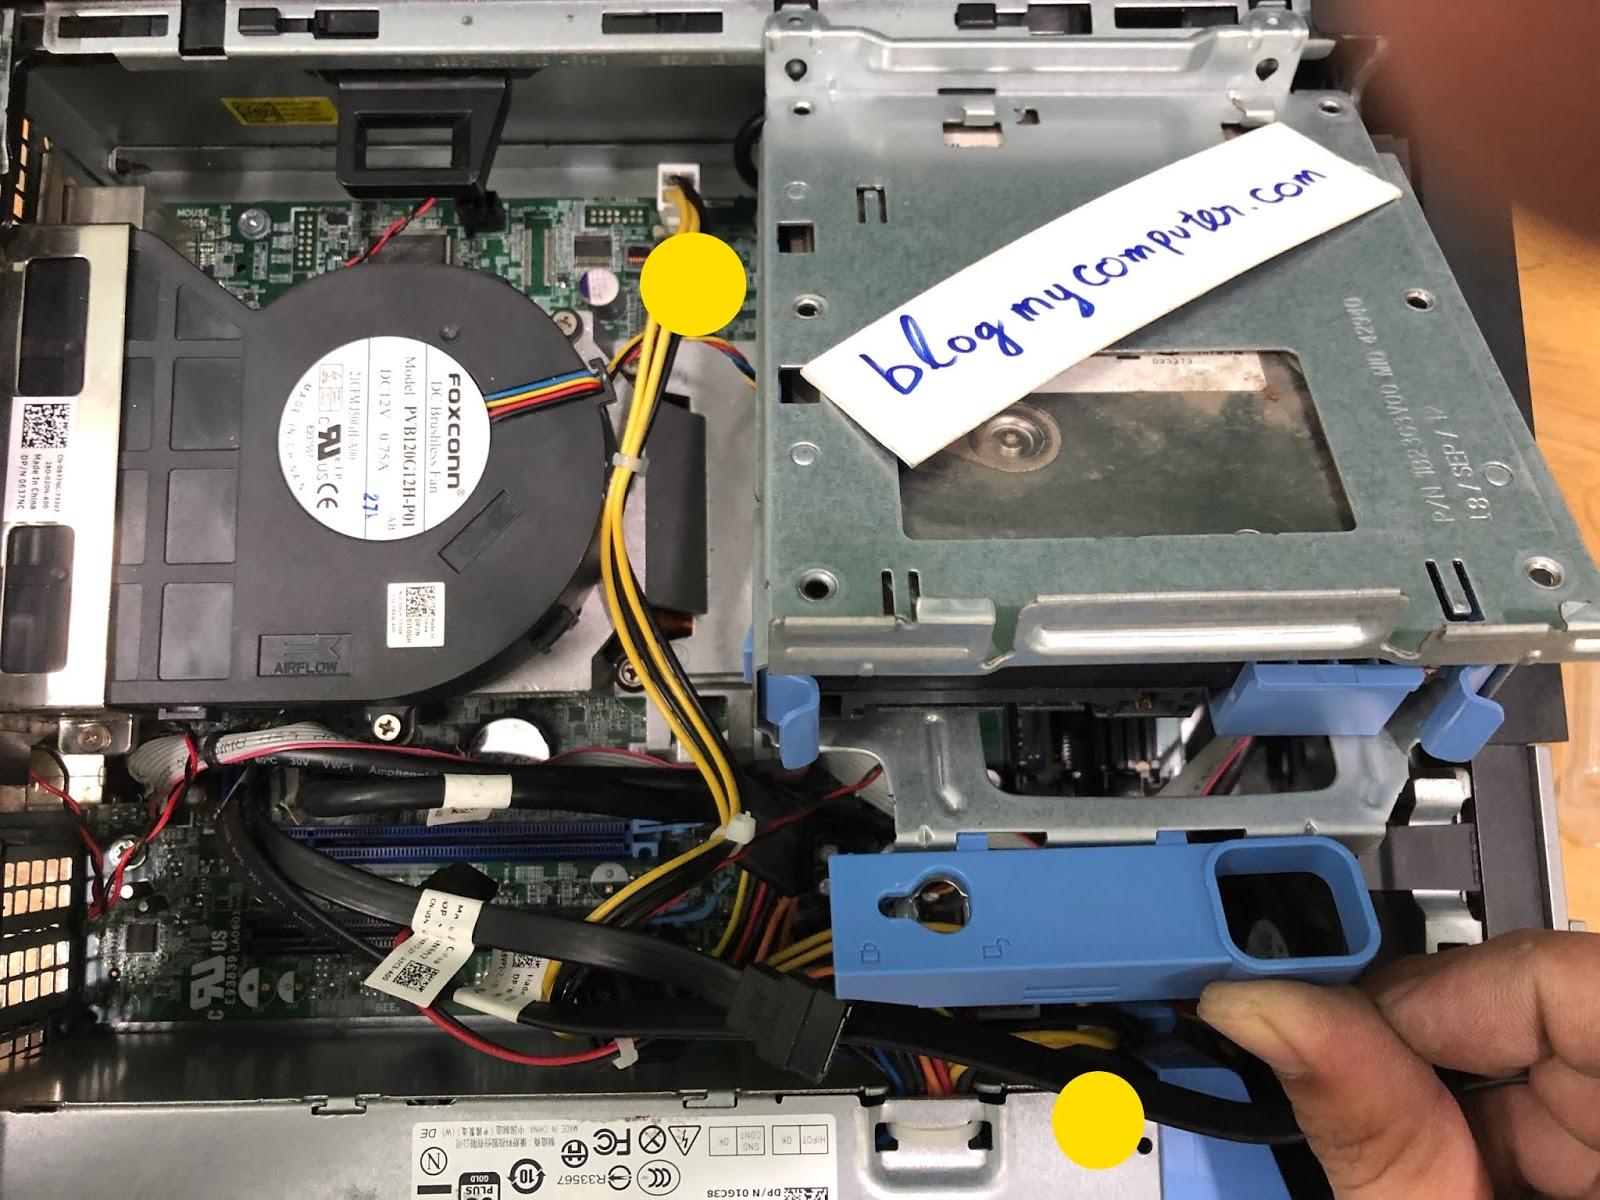 Dell optiplex 3010, 990, 790, 390, 960,9010, 7010 sff black